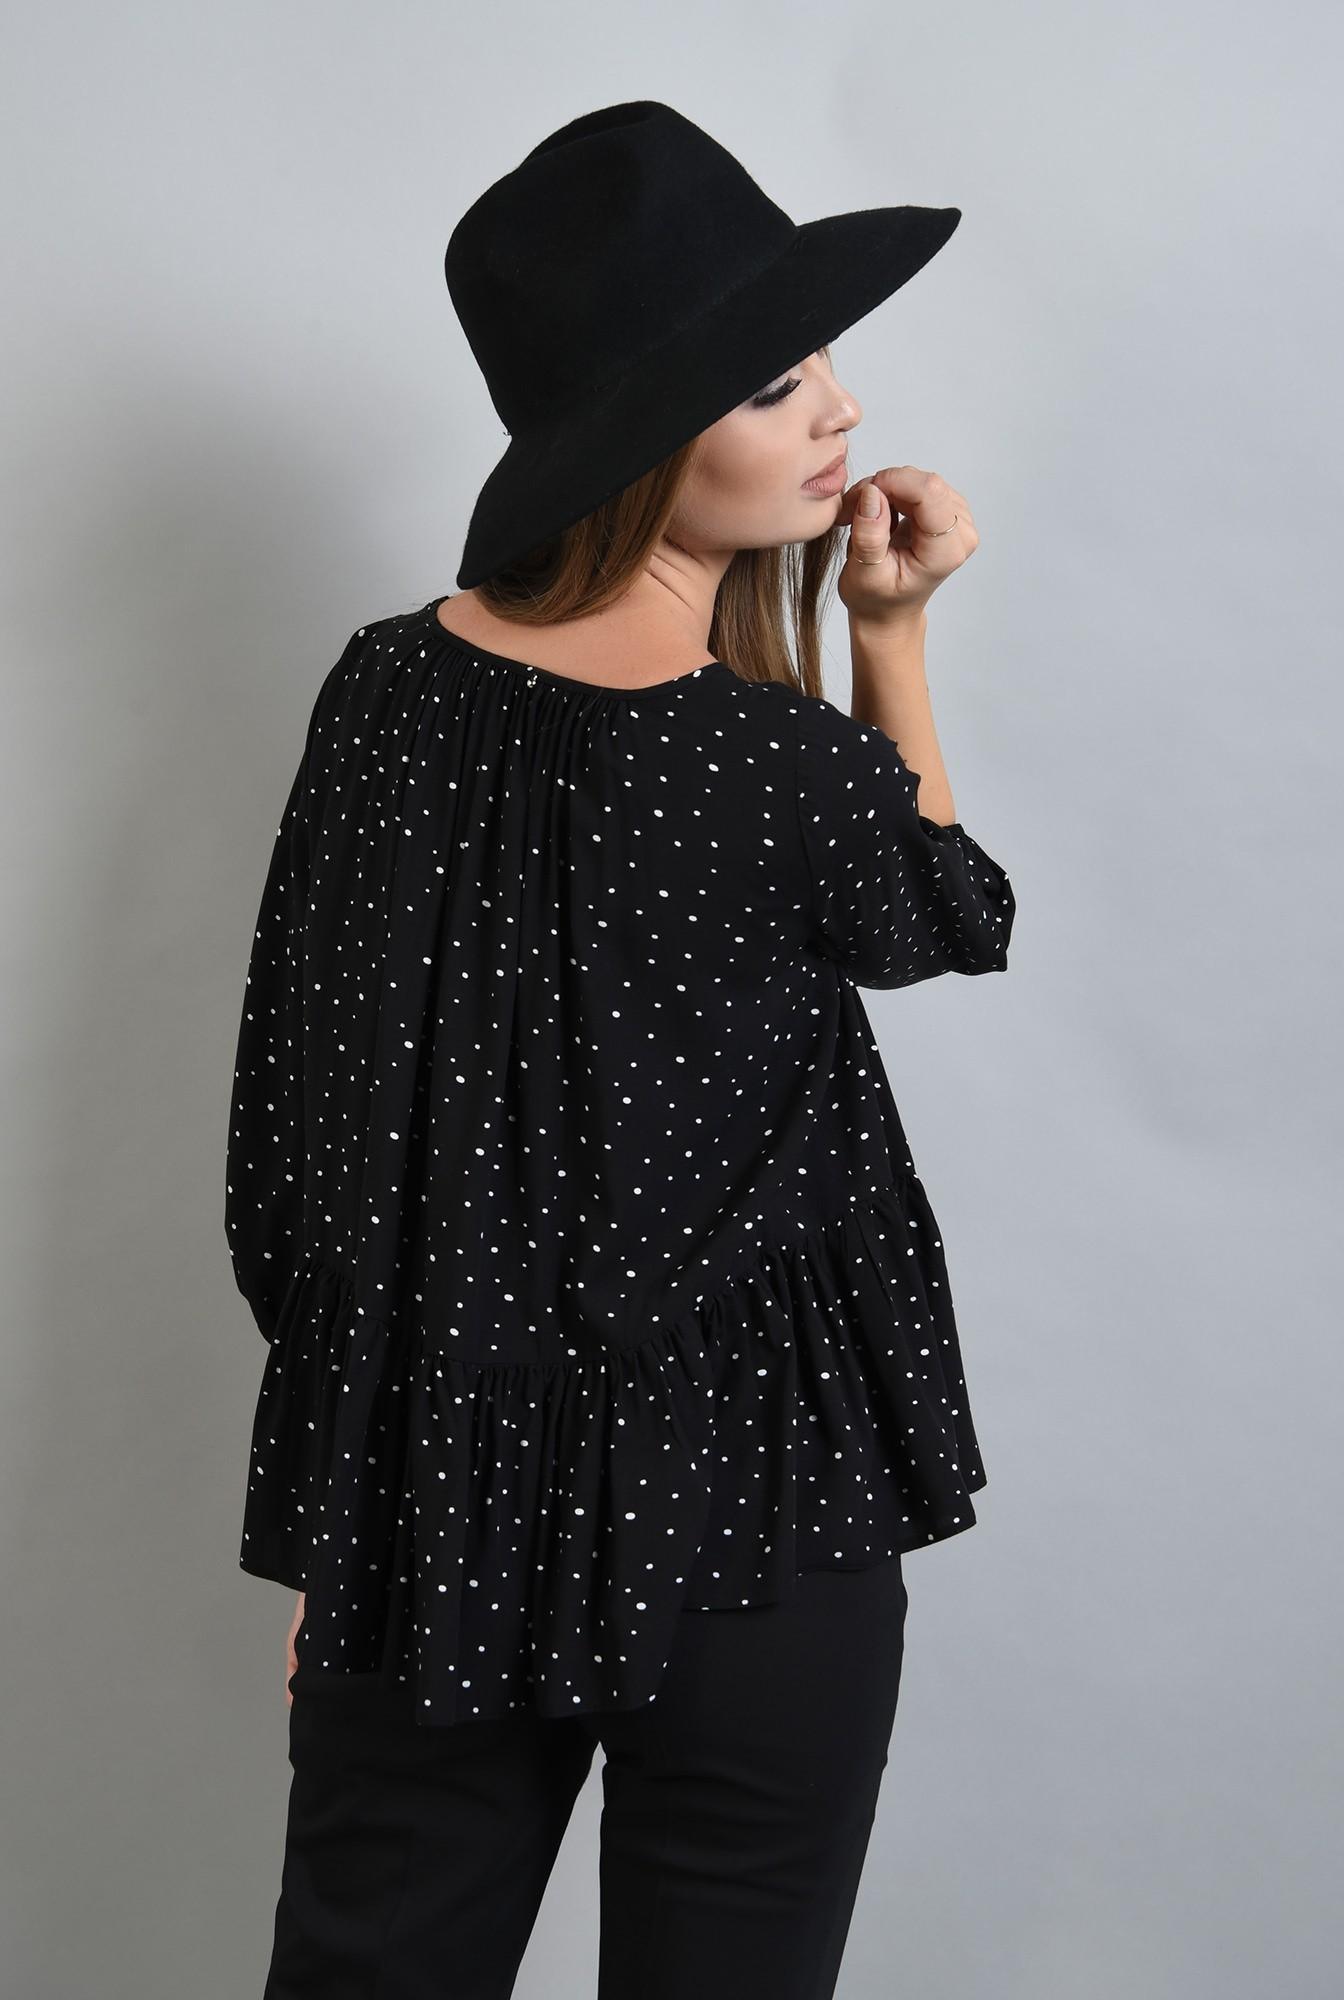 1 - bluza neagra cu buline, peplum, Poema